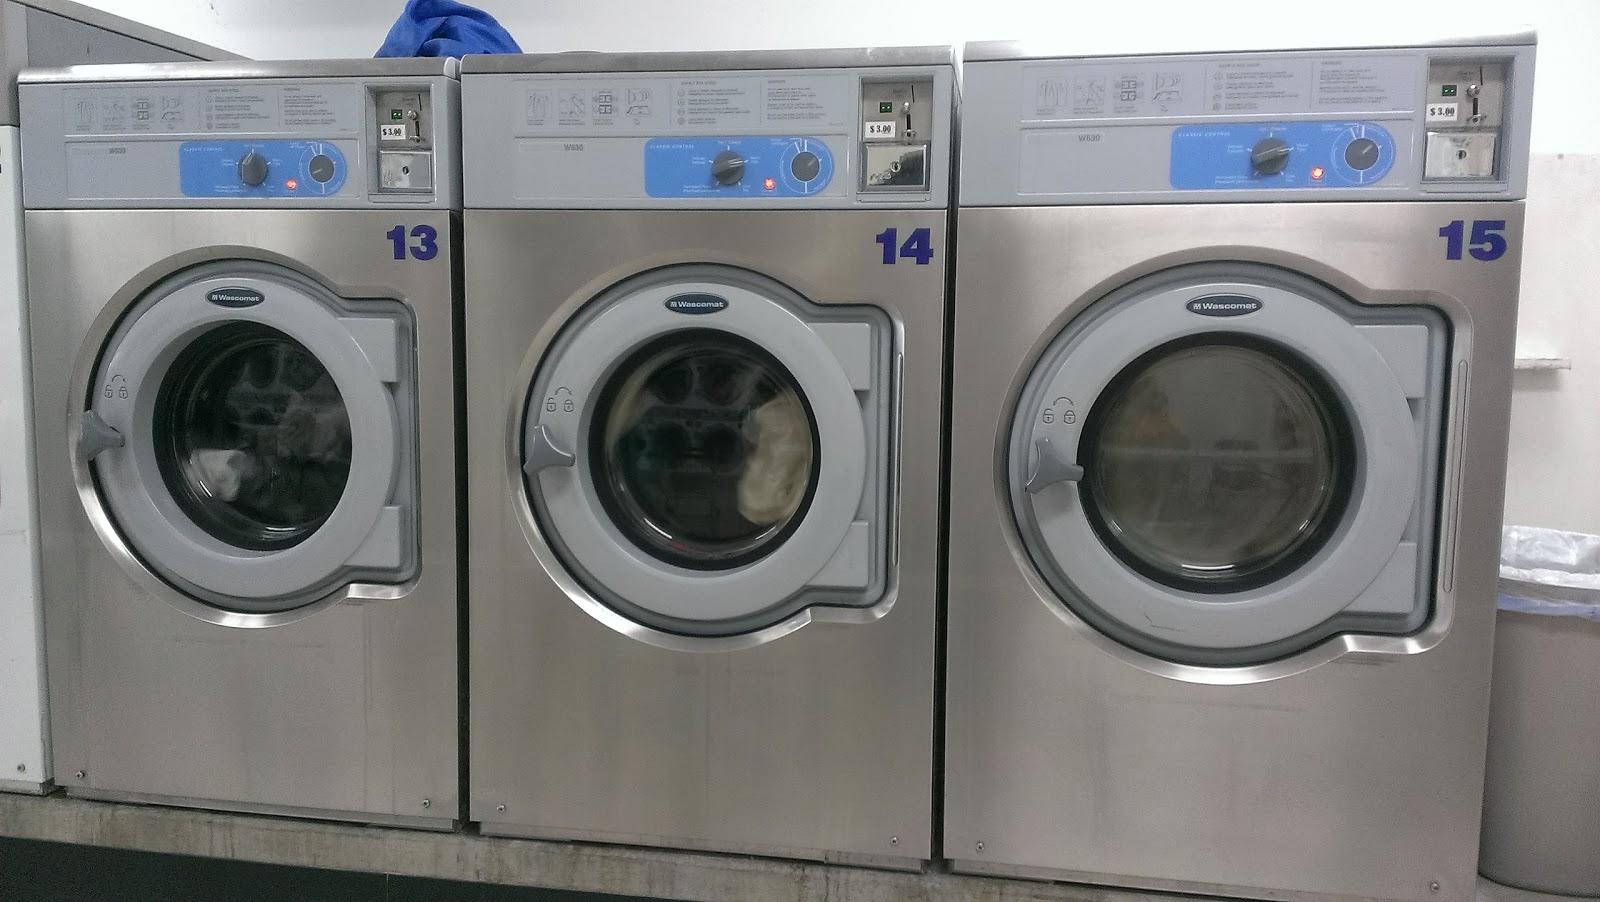 Фирмы стиральных машин - у какой лучшие стиральные агрегаты